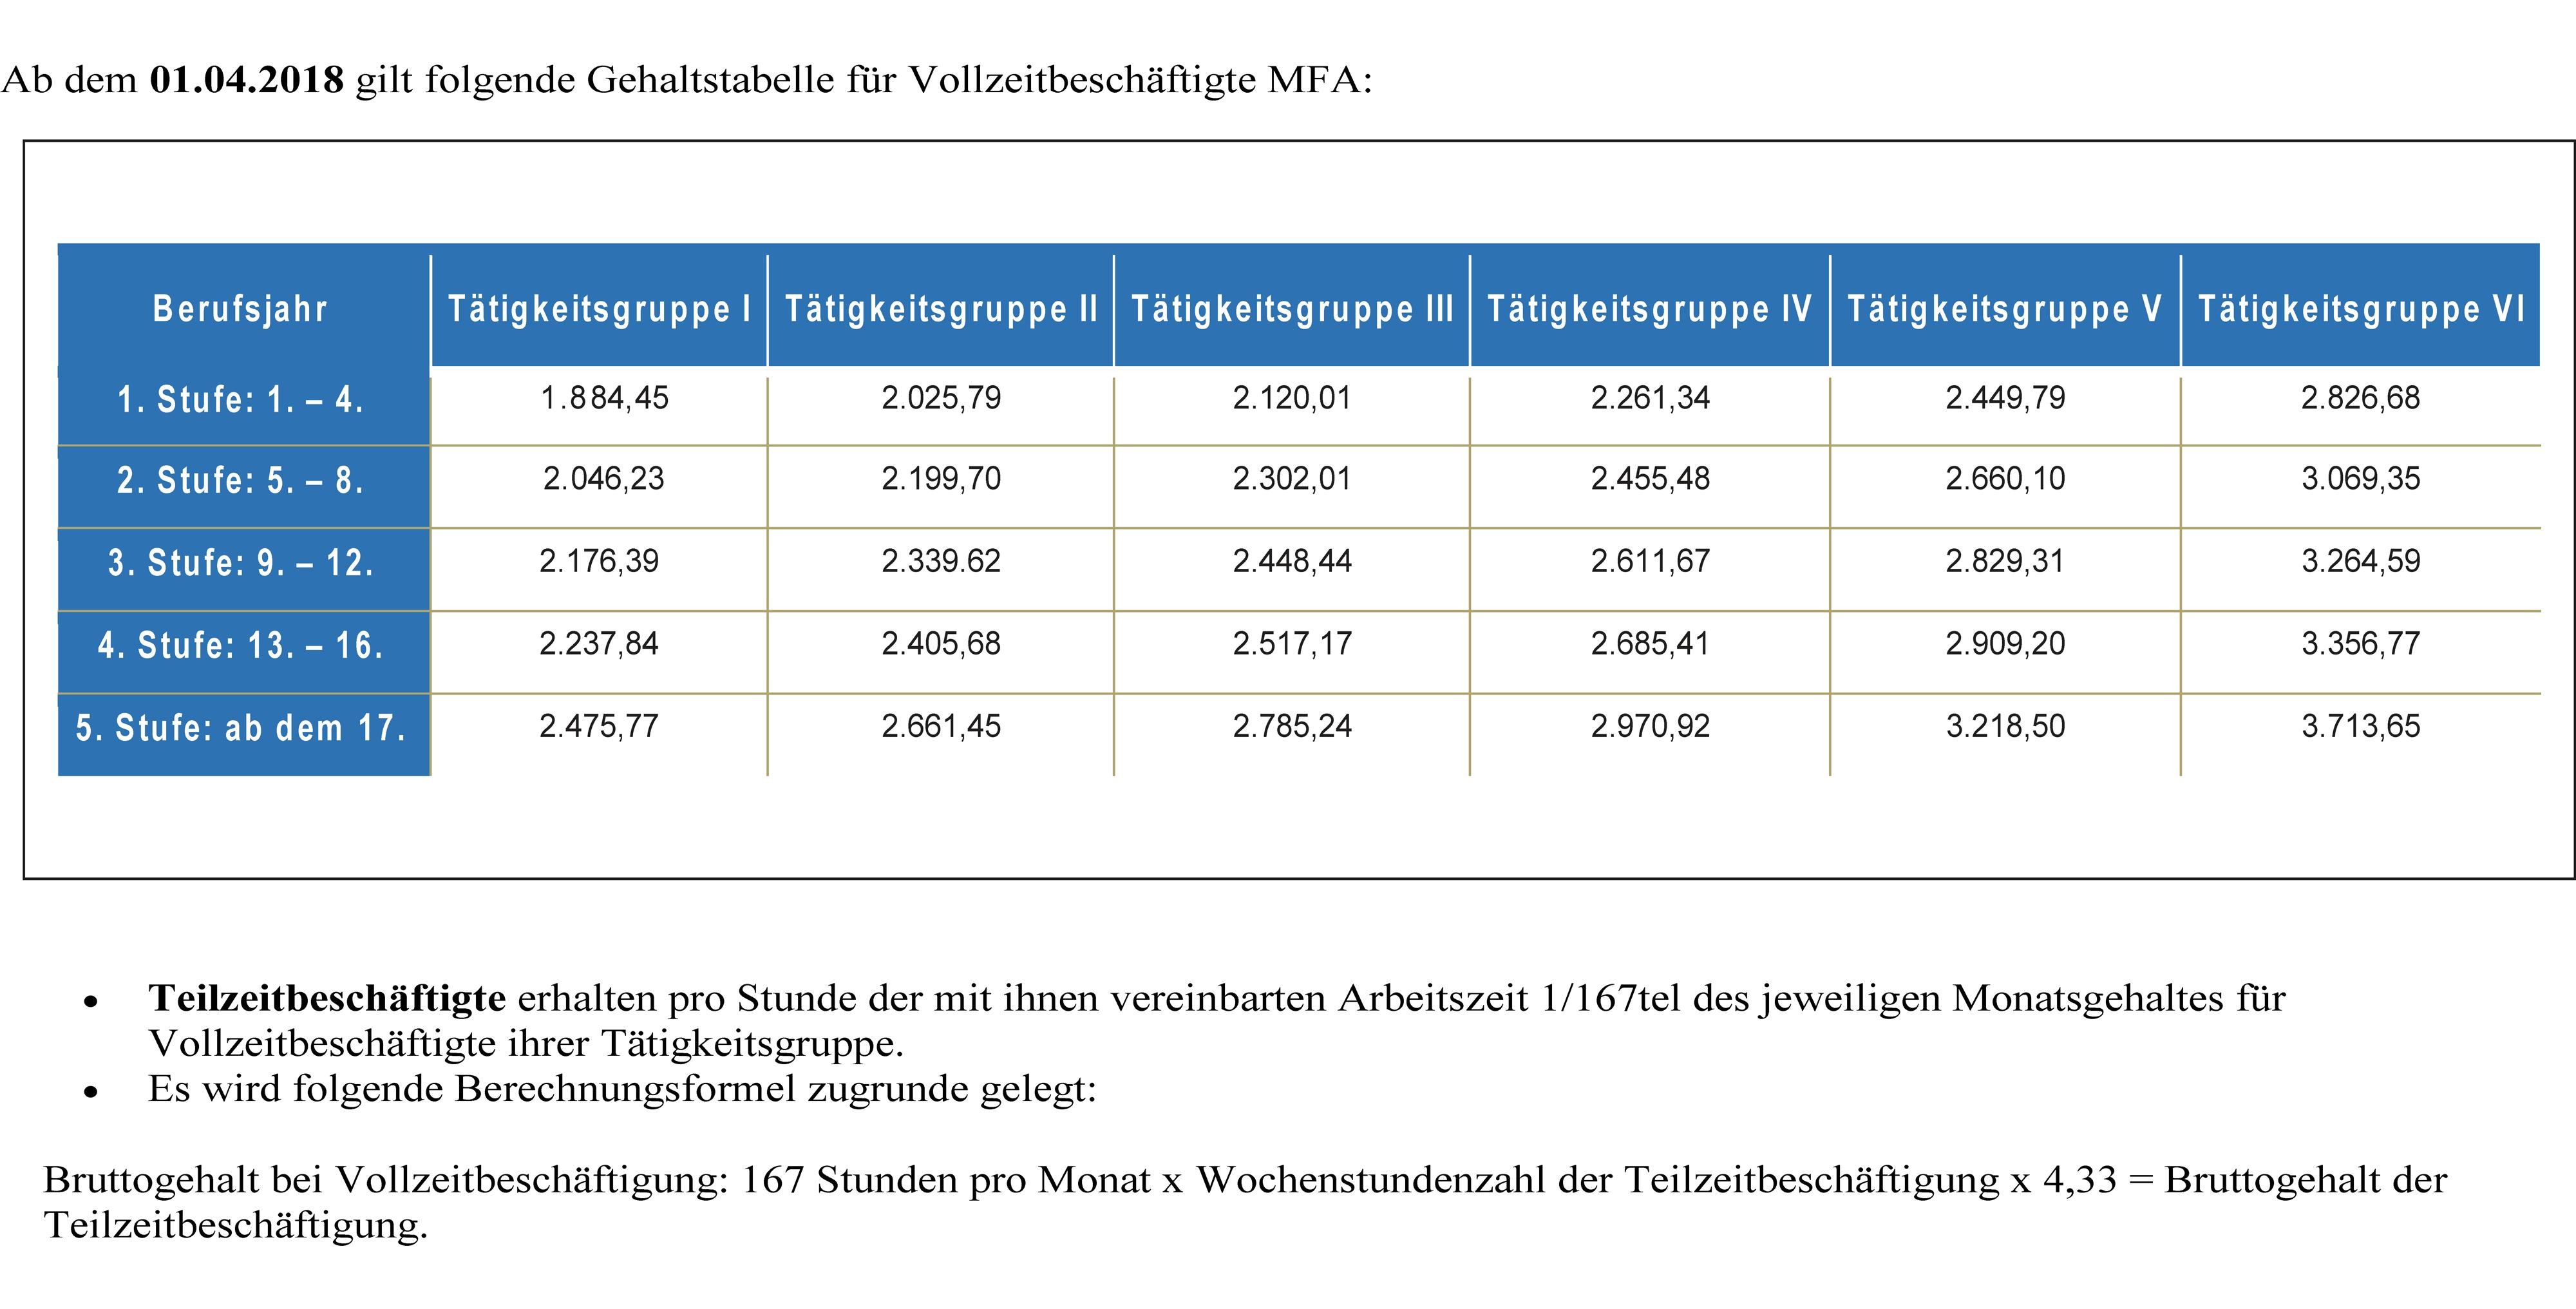 Gehalt Medizinische Fachangestellte Mfa Arzthelferin 2018 Nach